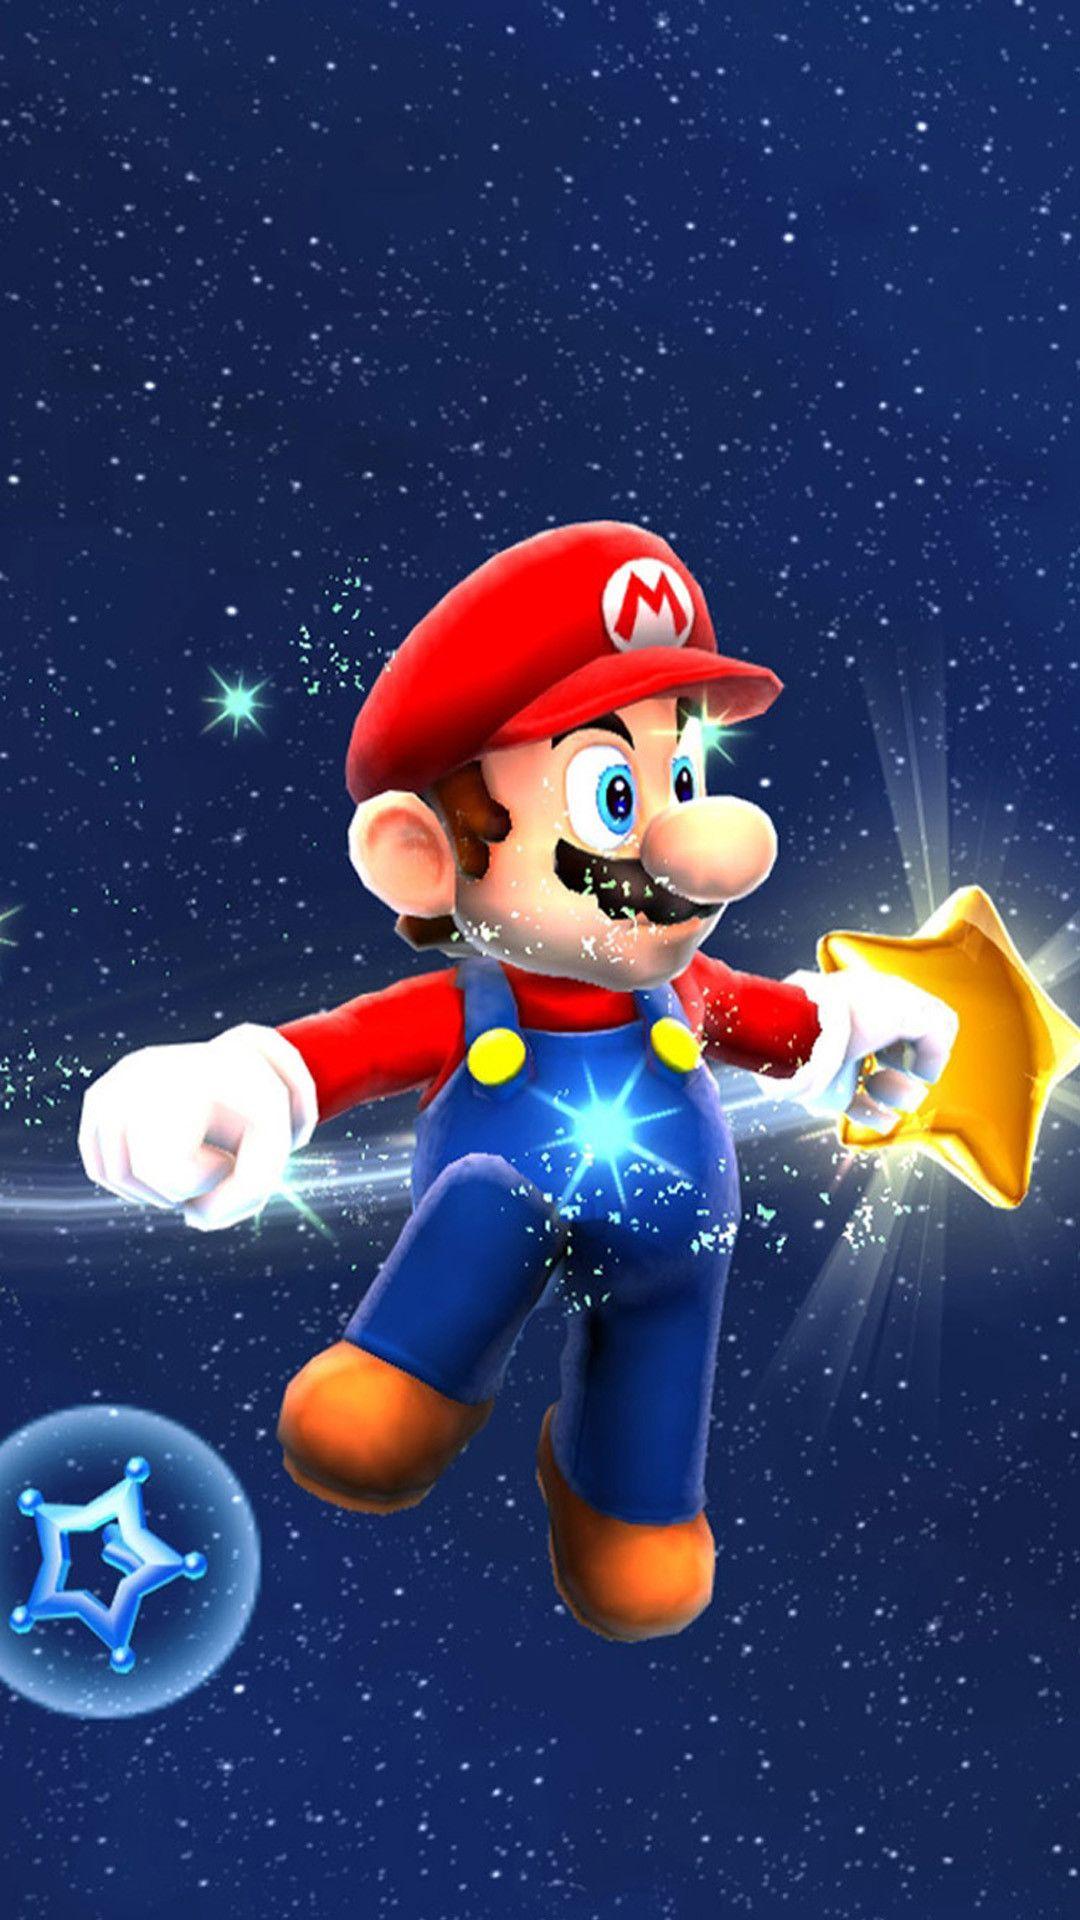 8 Bit Mario Background Image Super Mario Art Super Mario Mario And Luigi